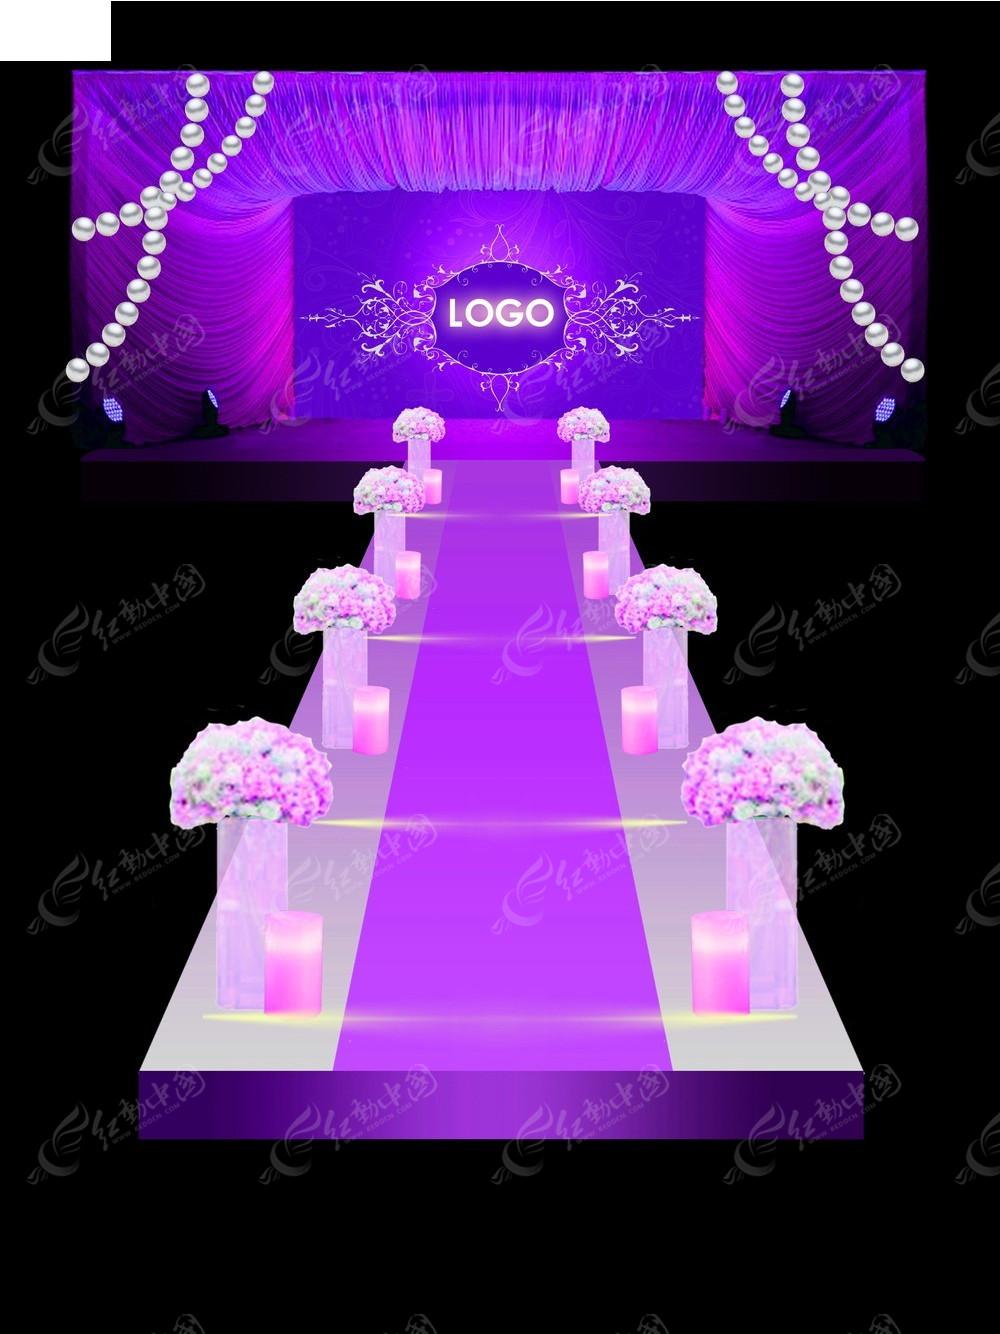 紫色梦幻风格婚礼场景设计